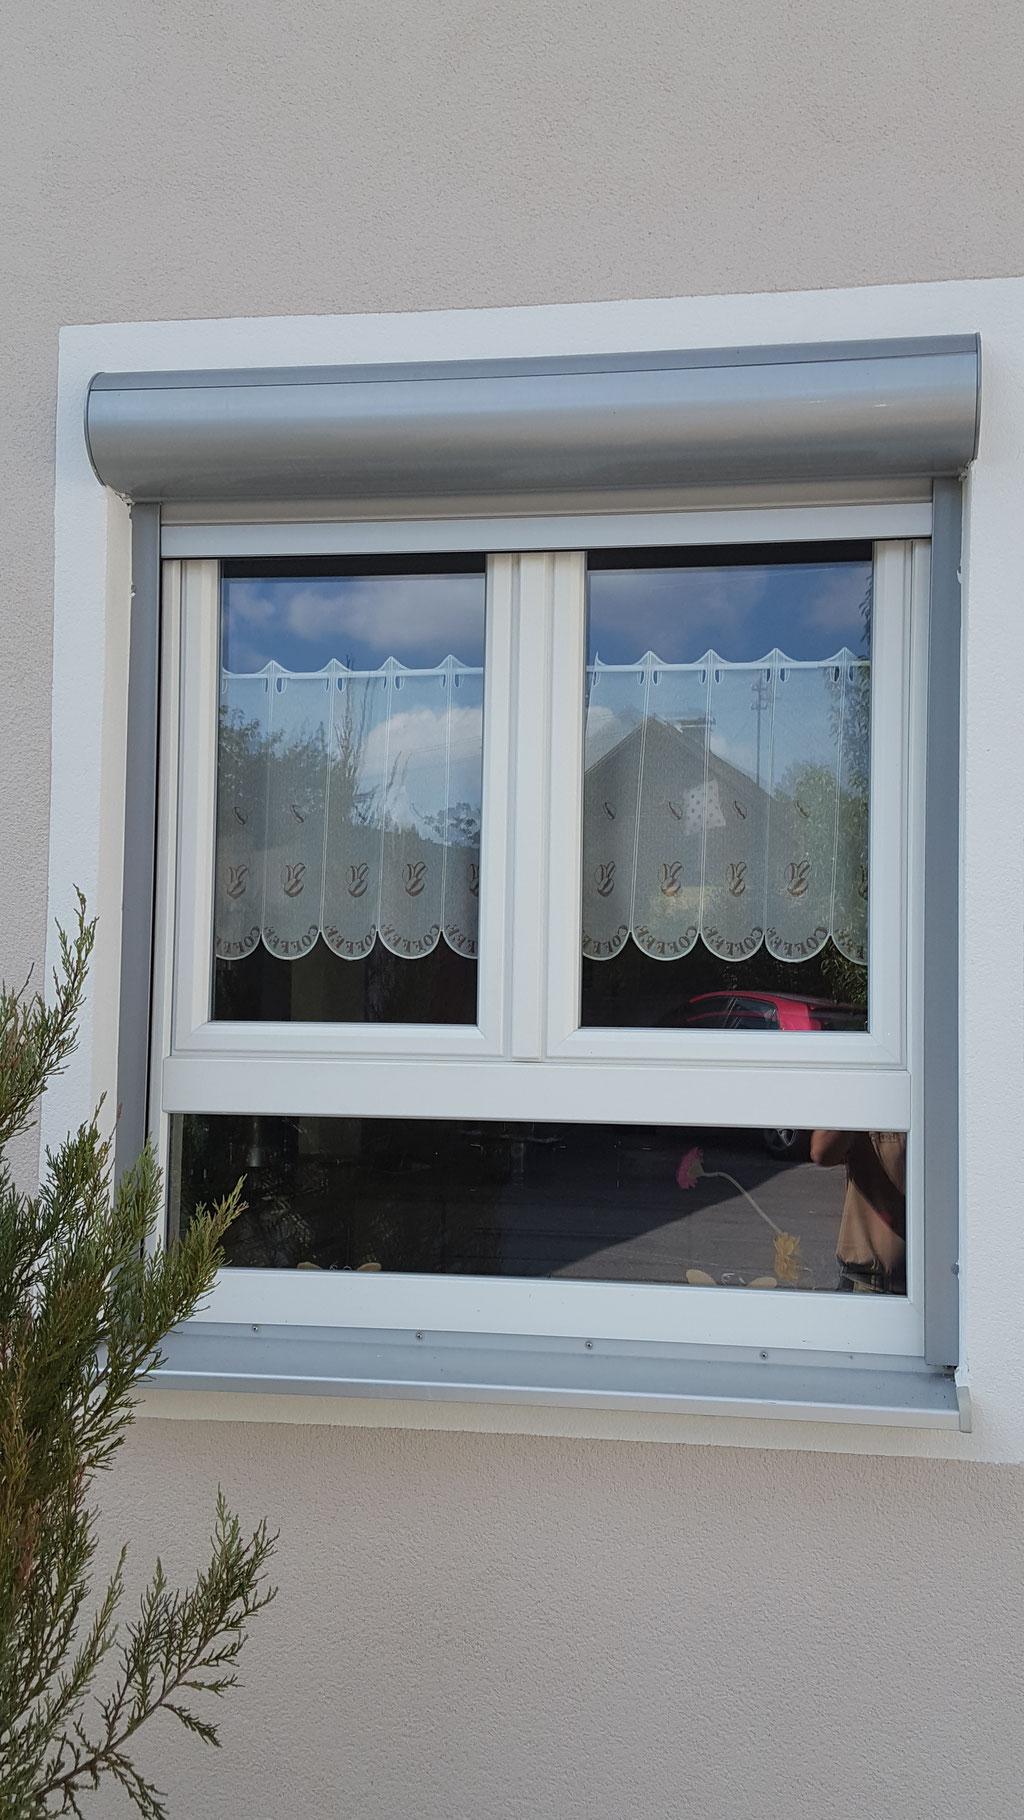 Fenster-Kunststoff unten fix